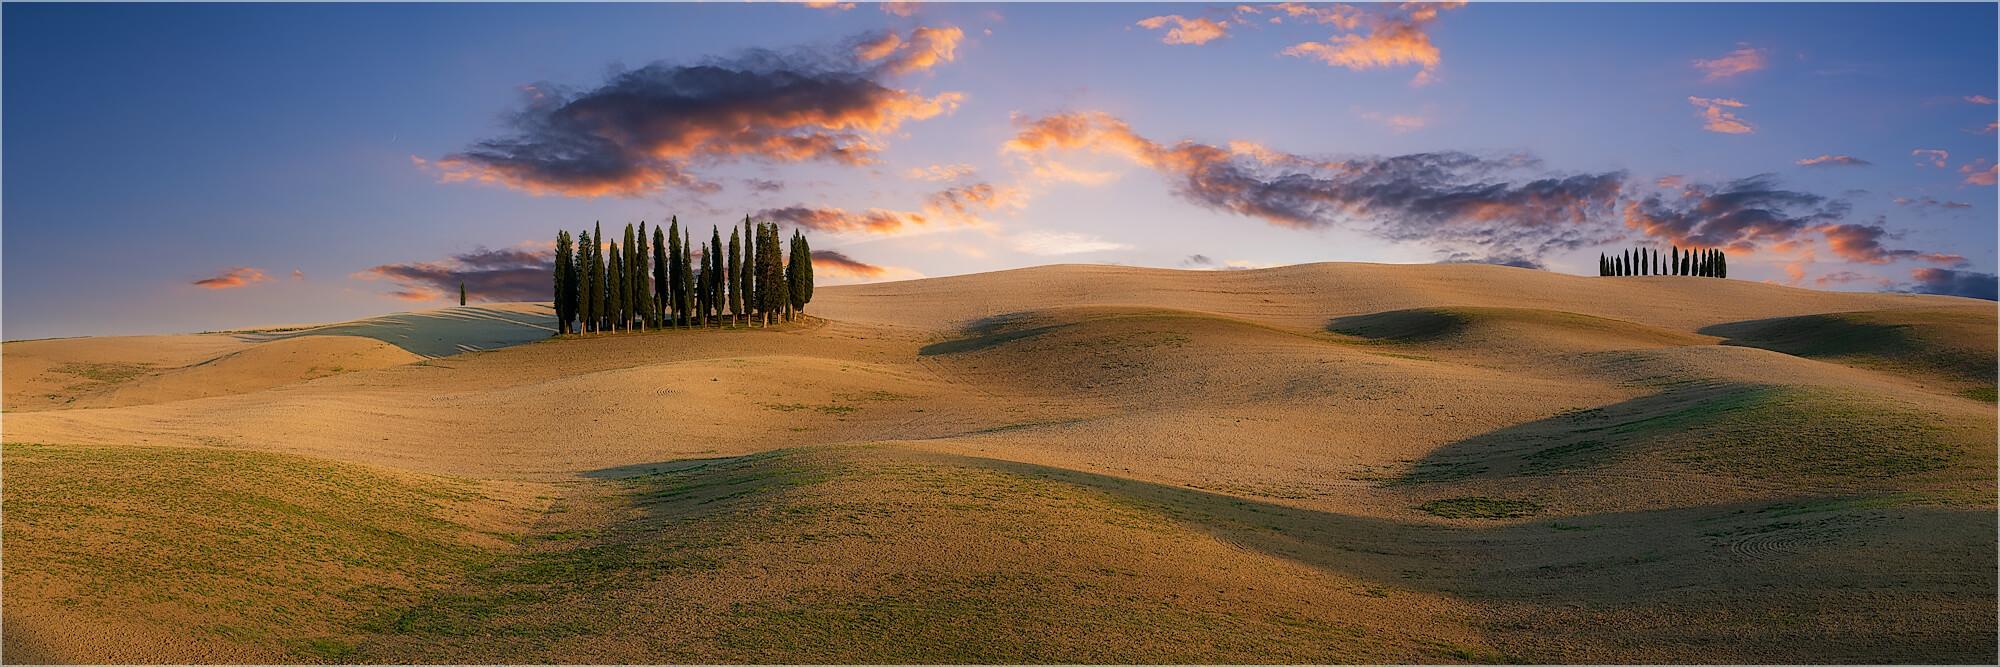 Panoramafoto Zypressenhain Toskana Italien